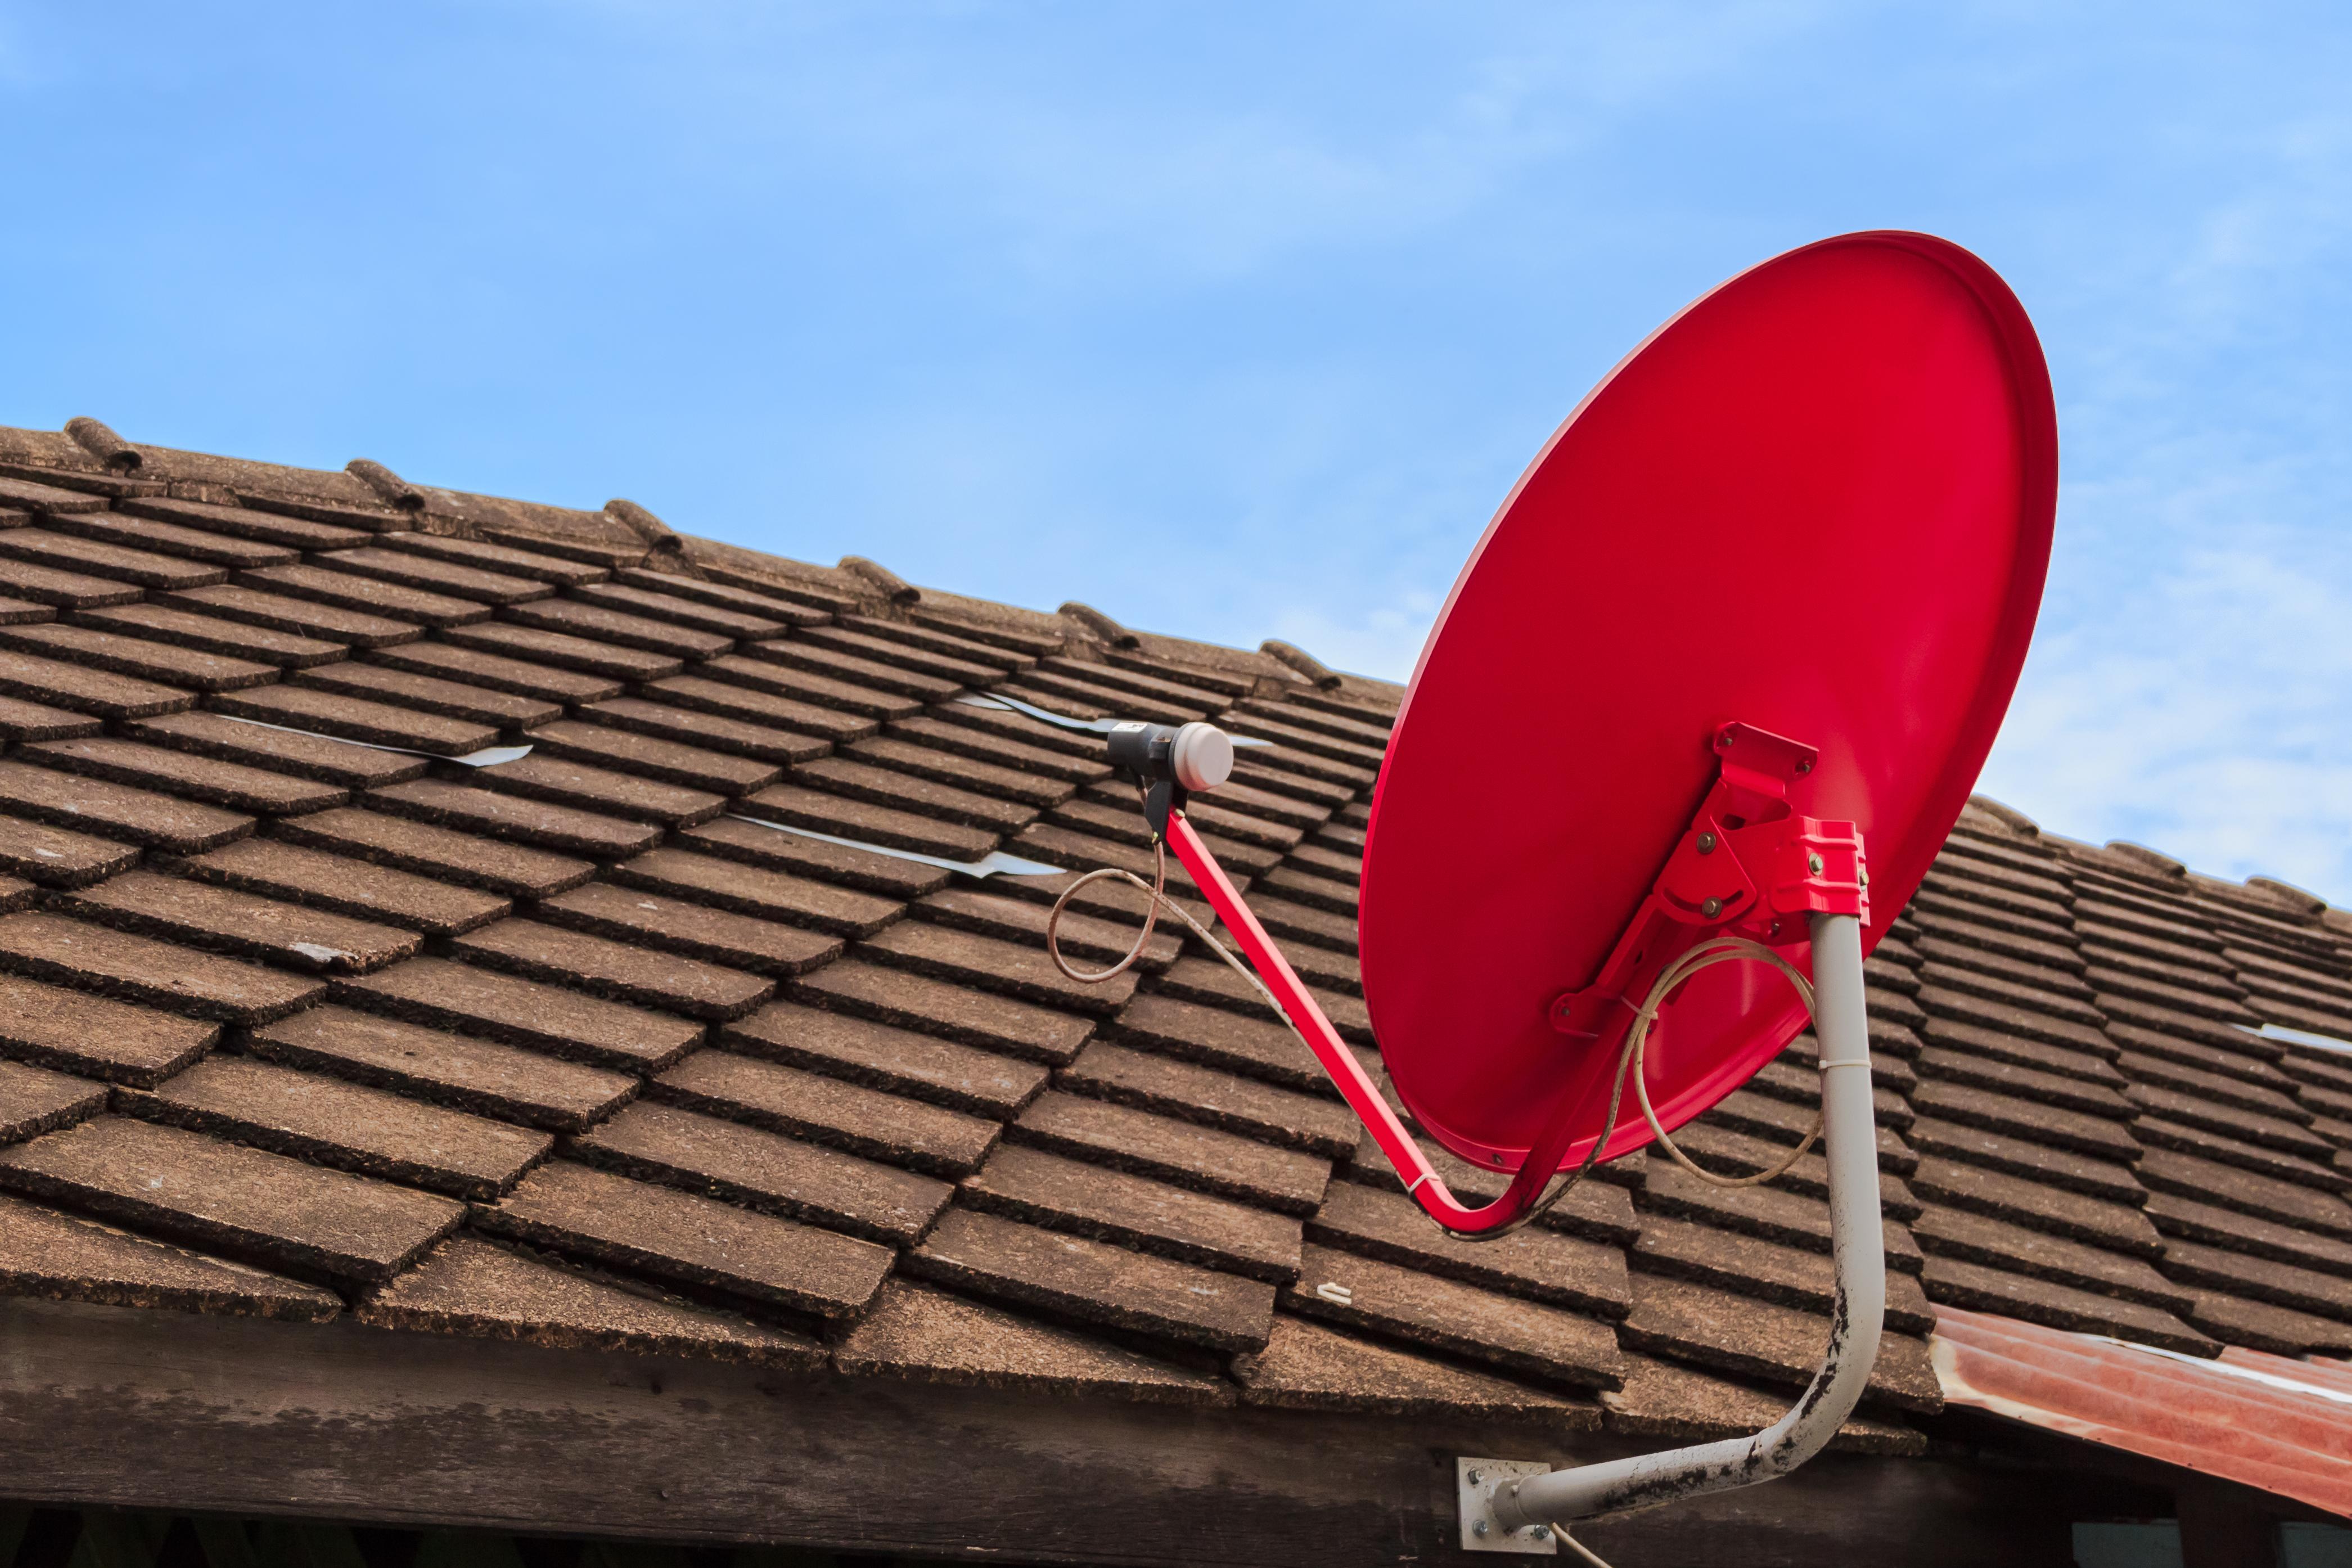 МТС уронила цены на спутниковое ТВ в Кирове